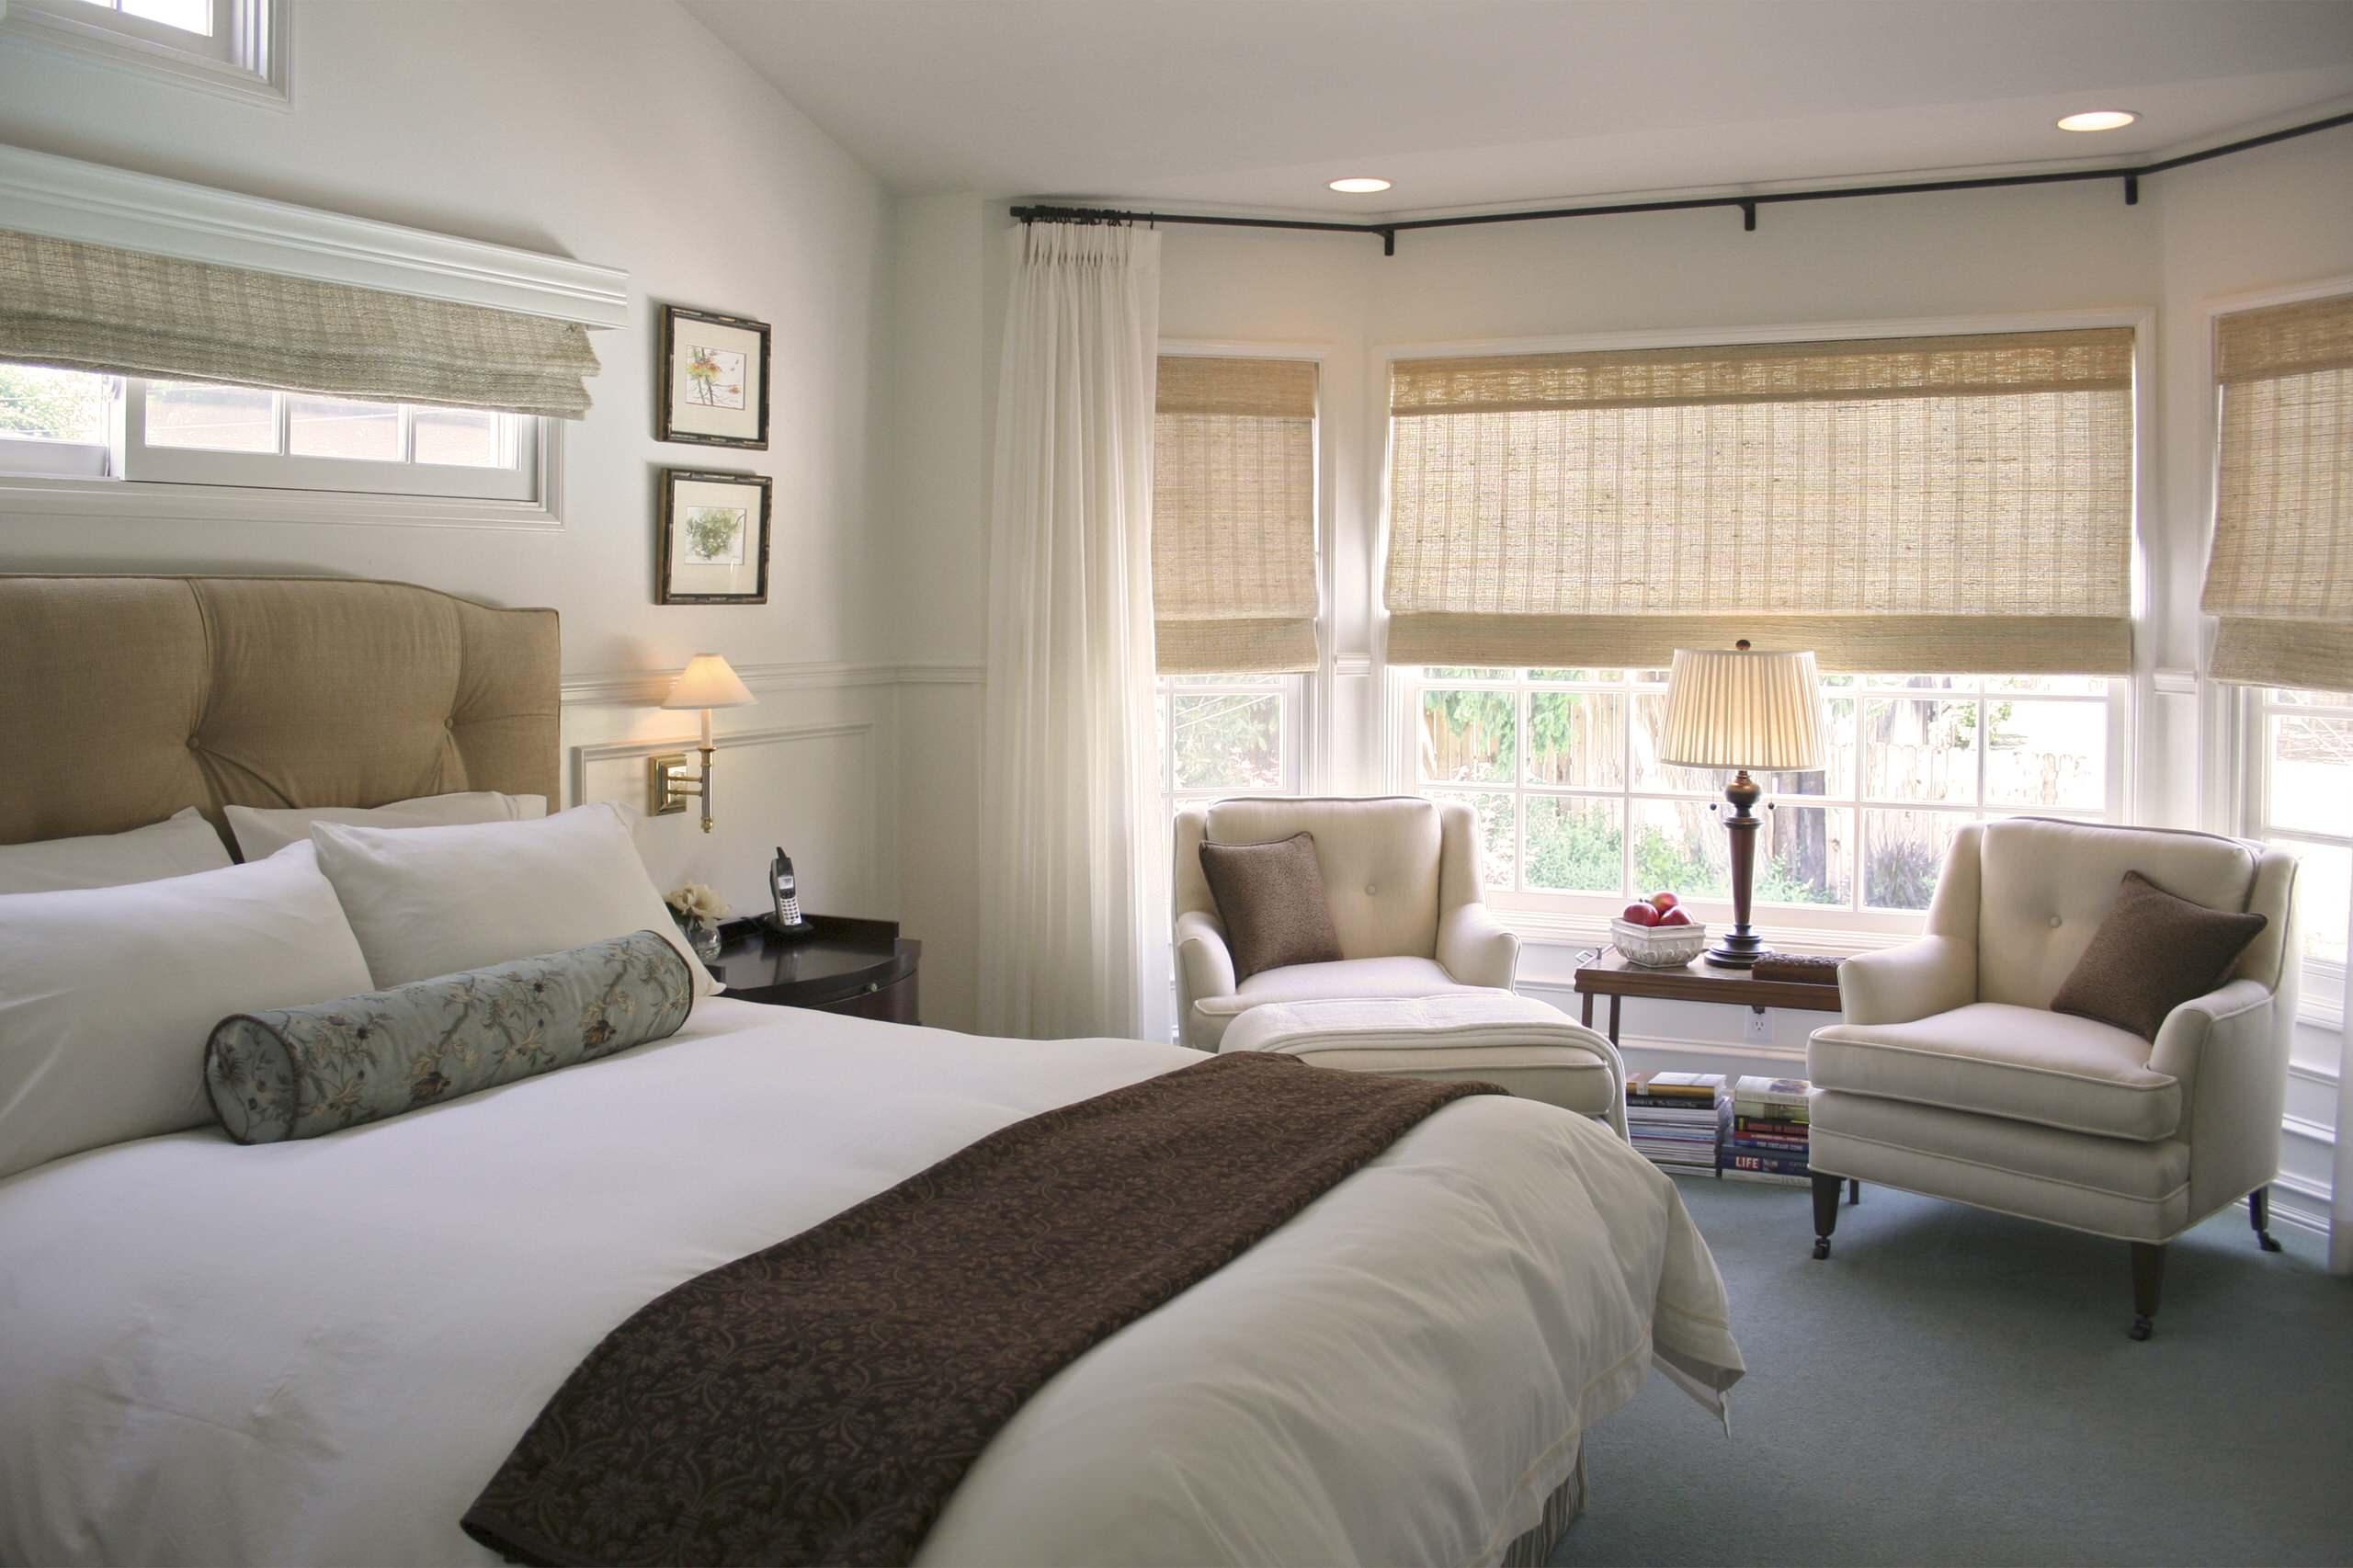 Спальня загородного дома, оформленная во французском стиле